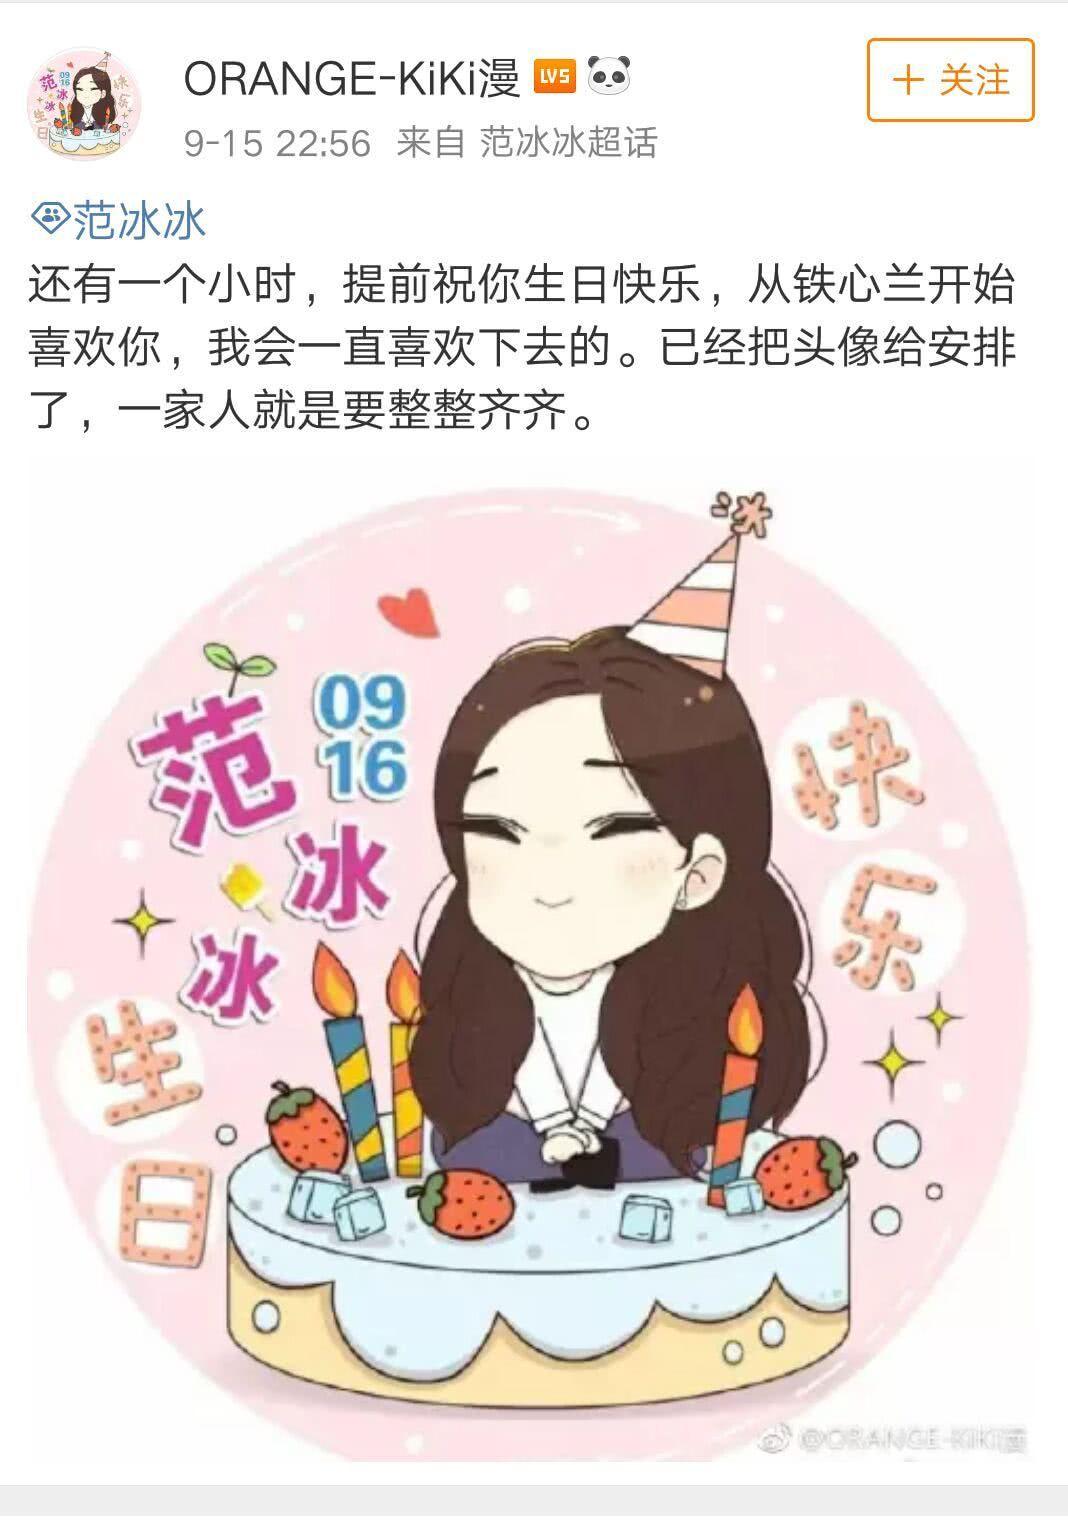 范冰冰生日来袭,粉丝提前换上生日应援头像,祝福语非常的暖心